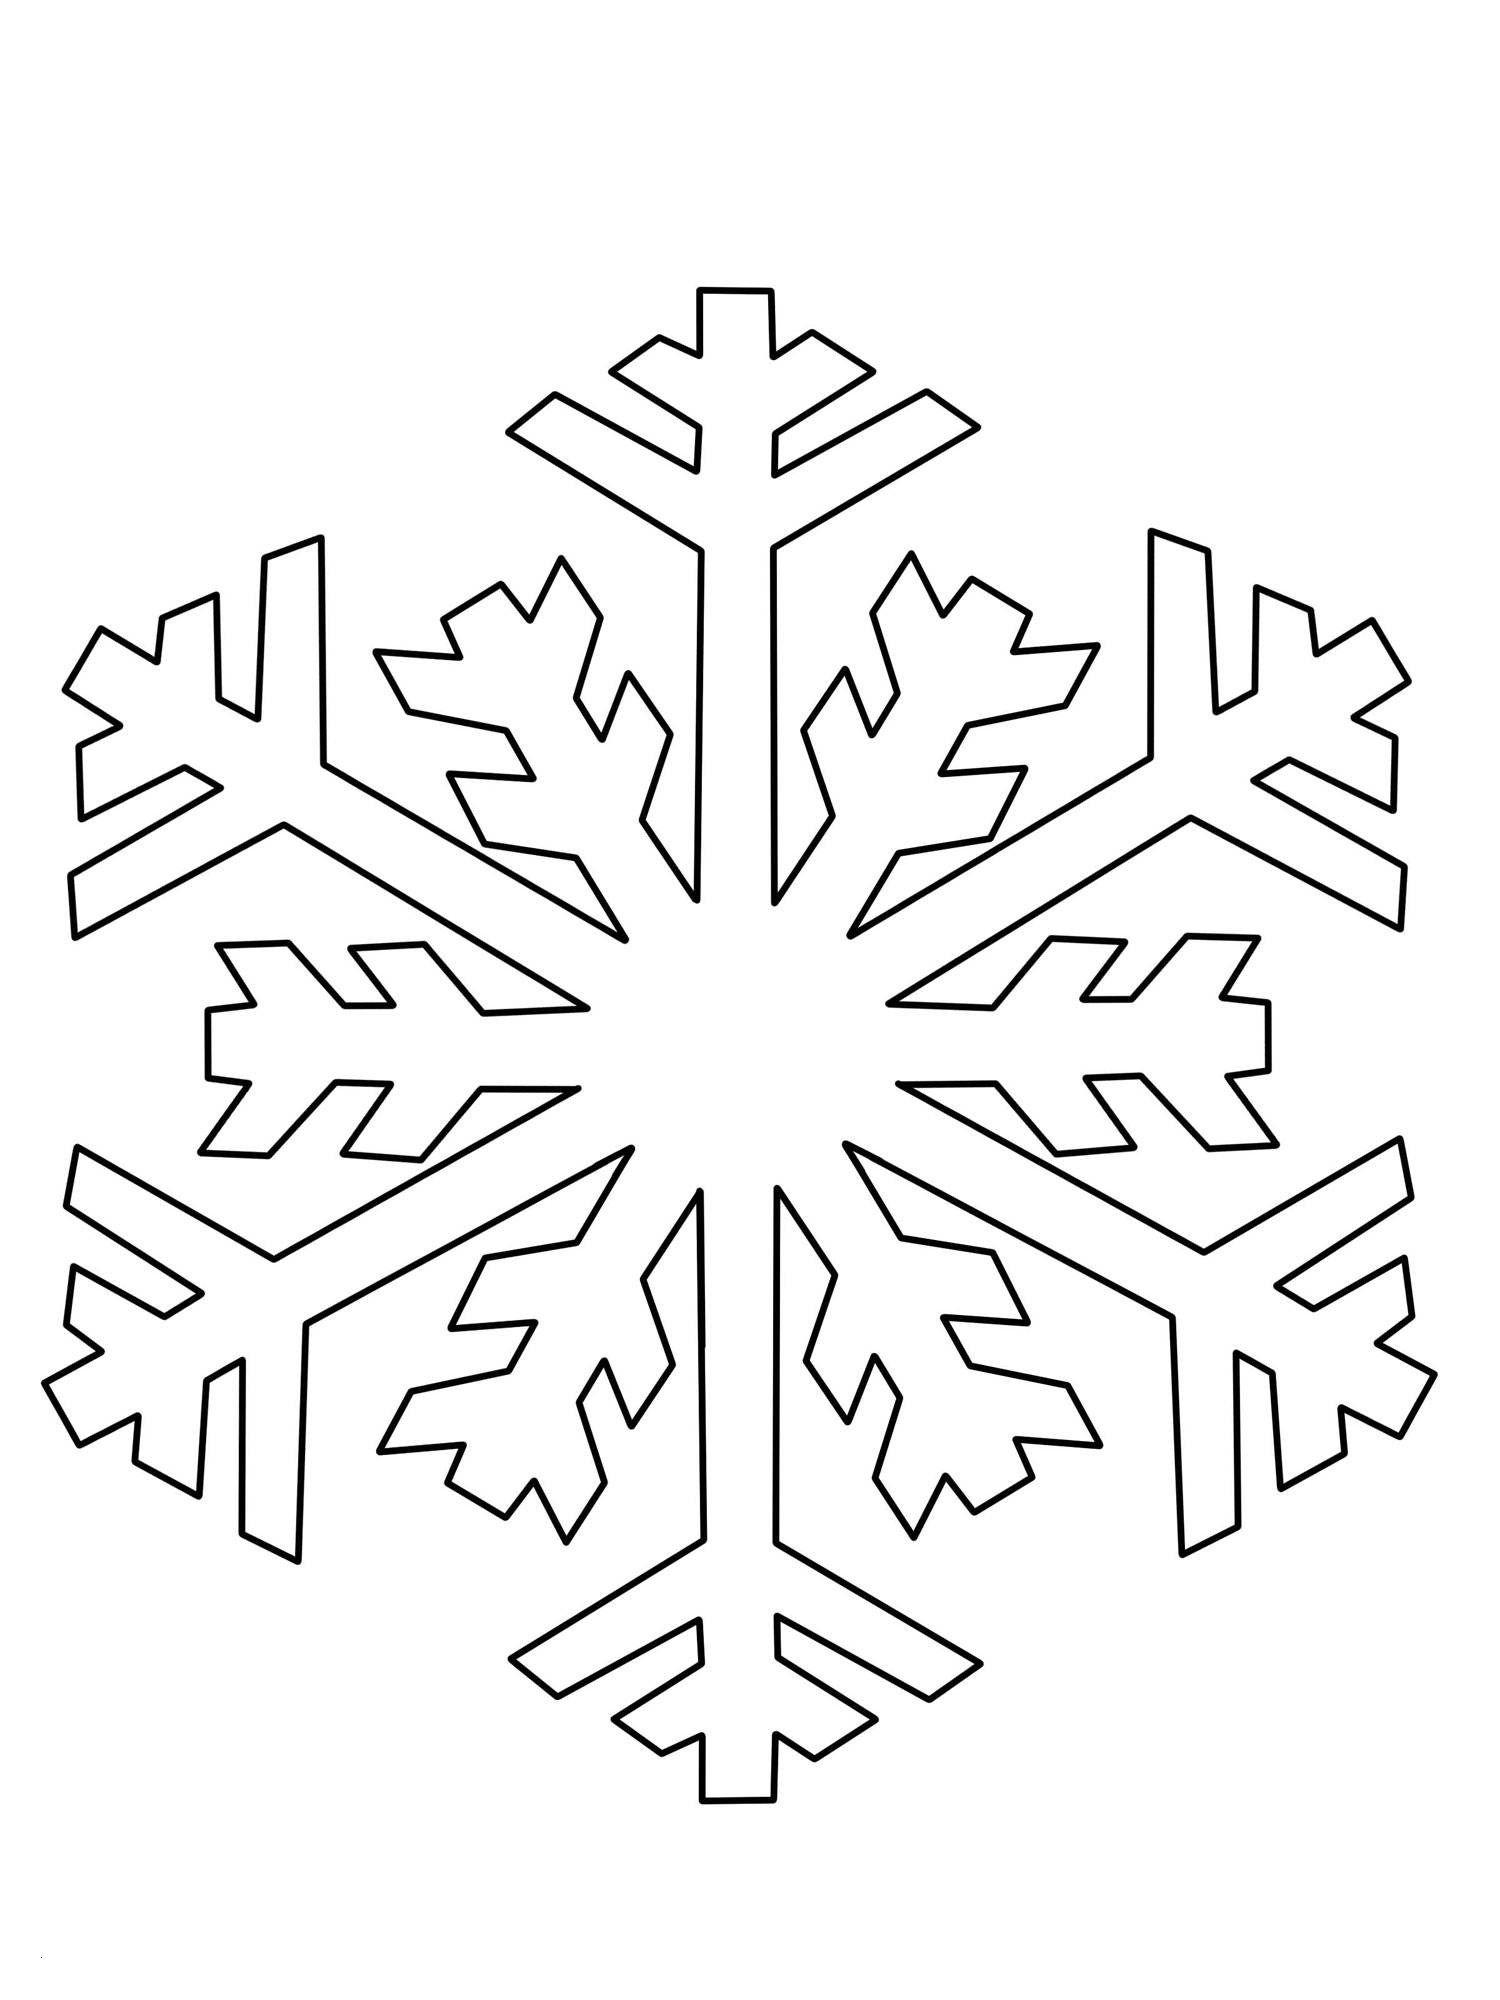 Ausmalbilder Schneeflocken Schablone Zum Ausdrucken (Mit für Schablonen Zum Ausdrucken Kostenlos